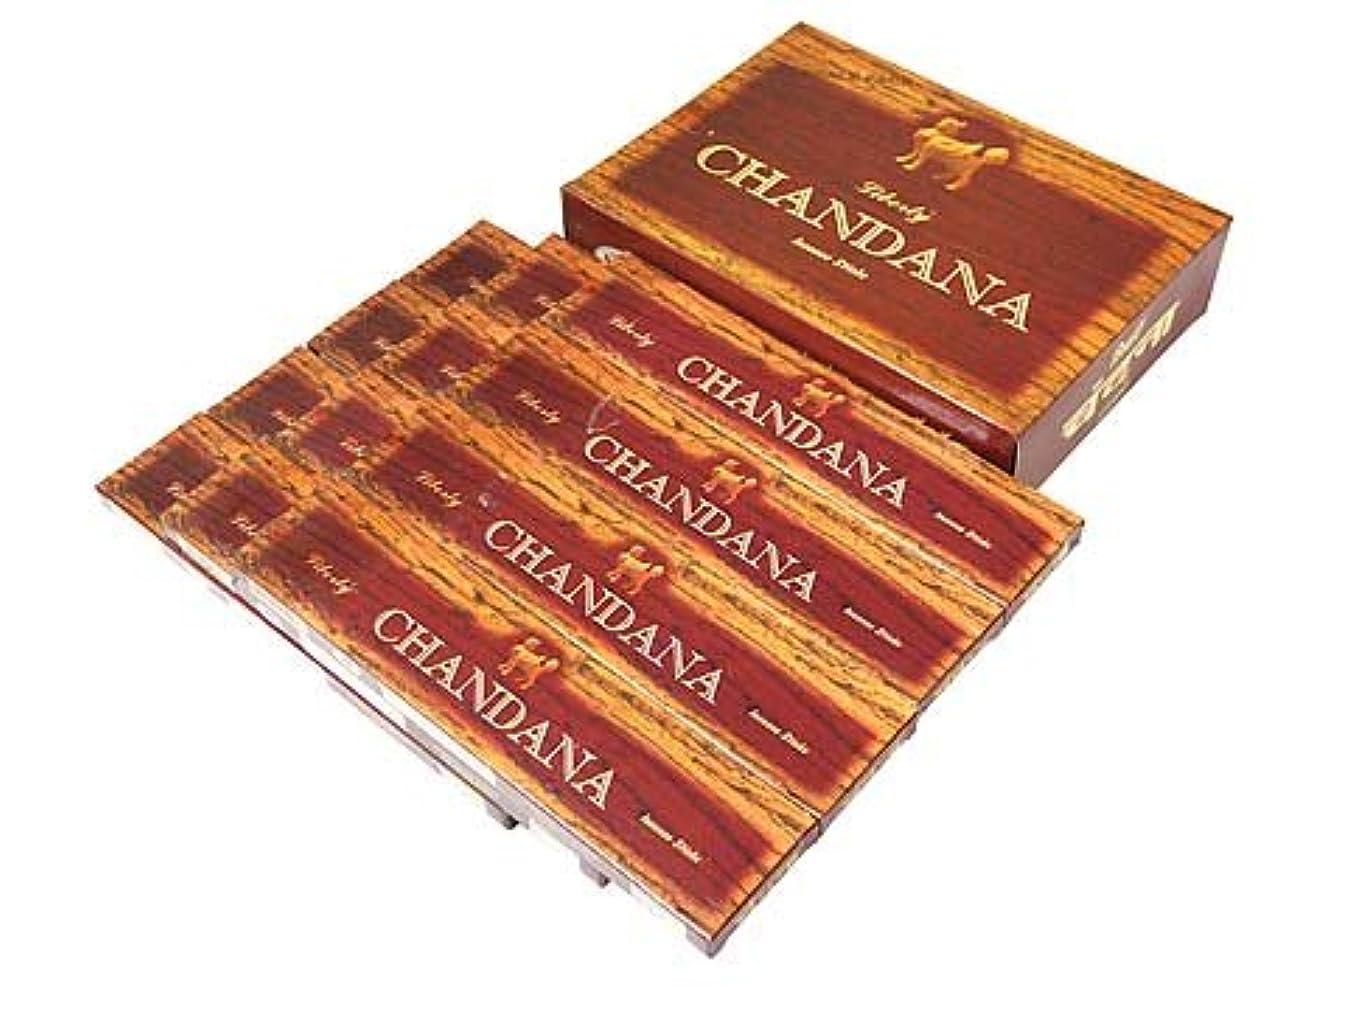 補体振り返る農村LIBERTY'S(リバティーズ) チャンダナ香 スティック CHANDANA 12箱セット